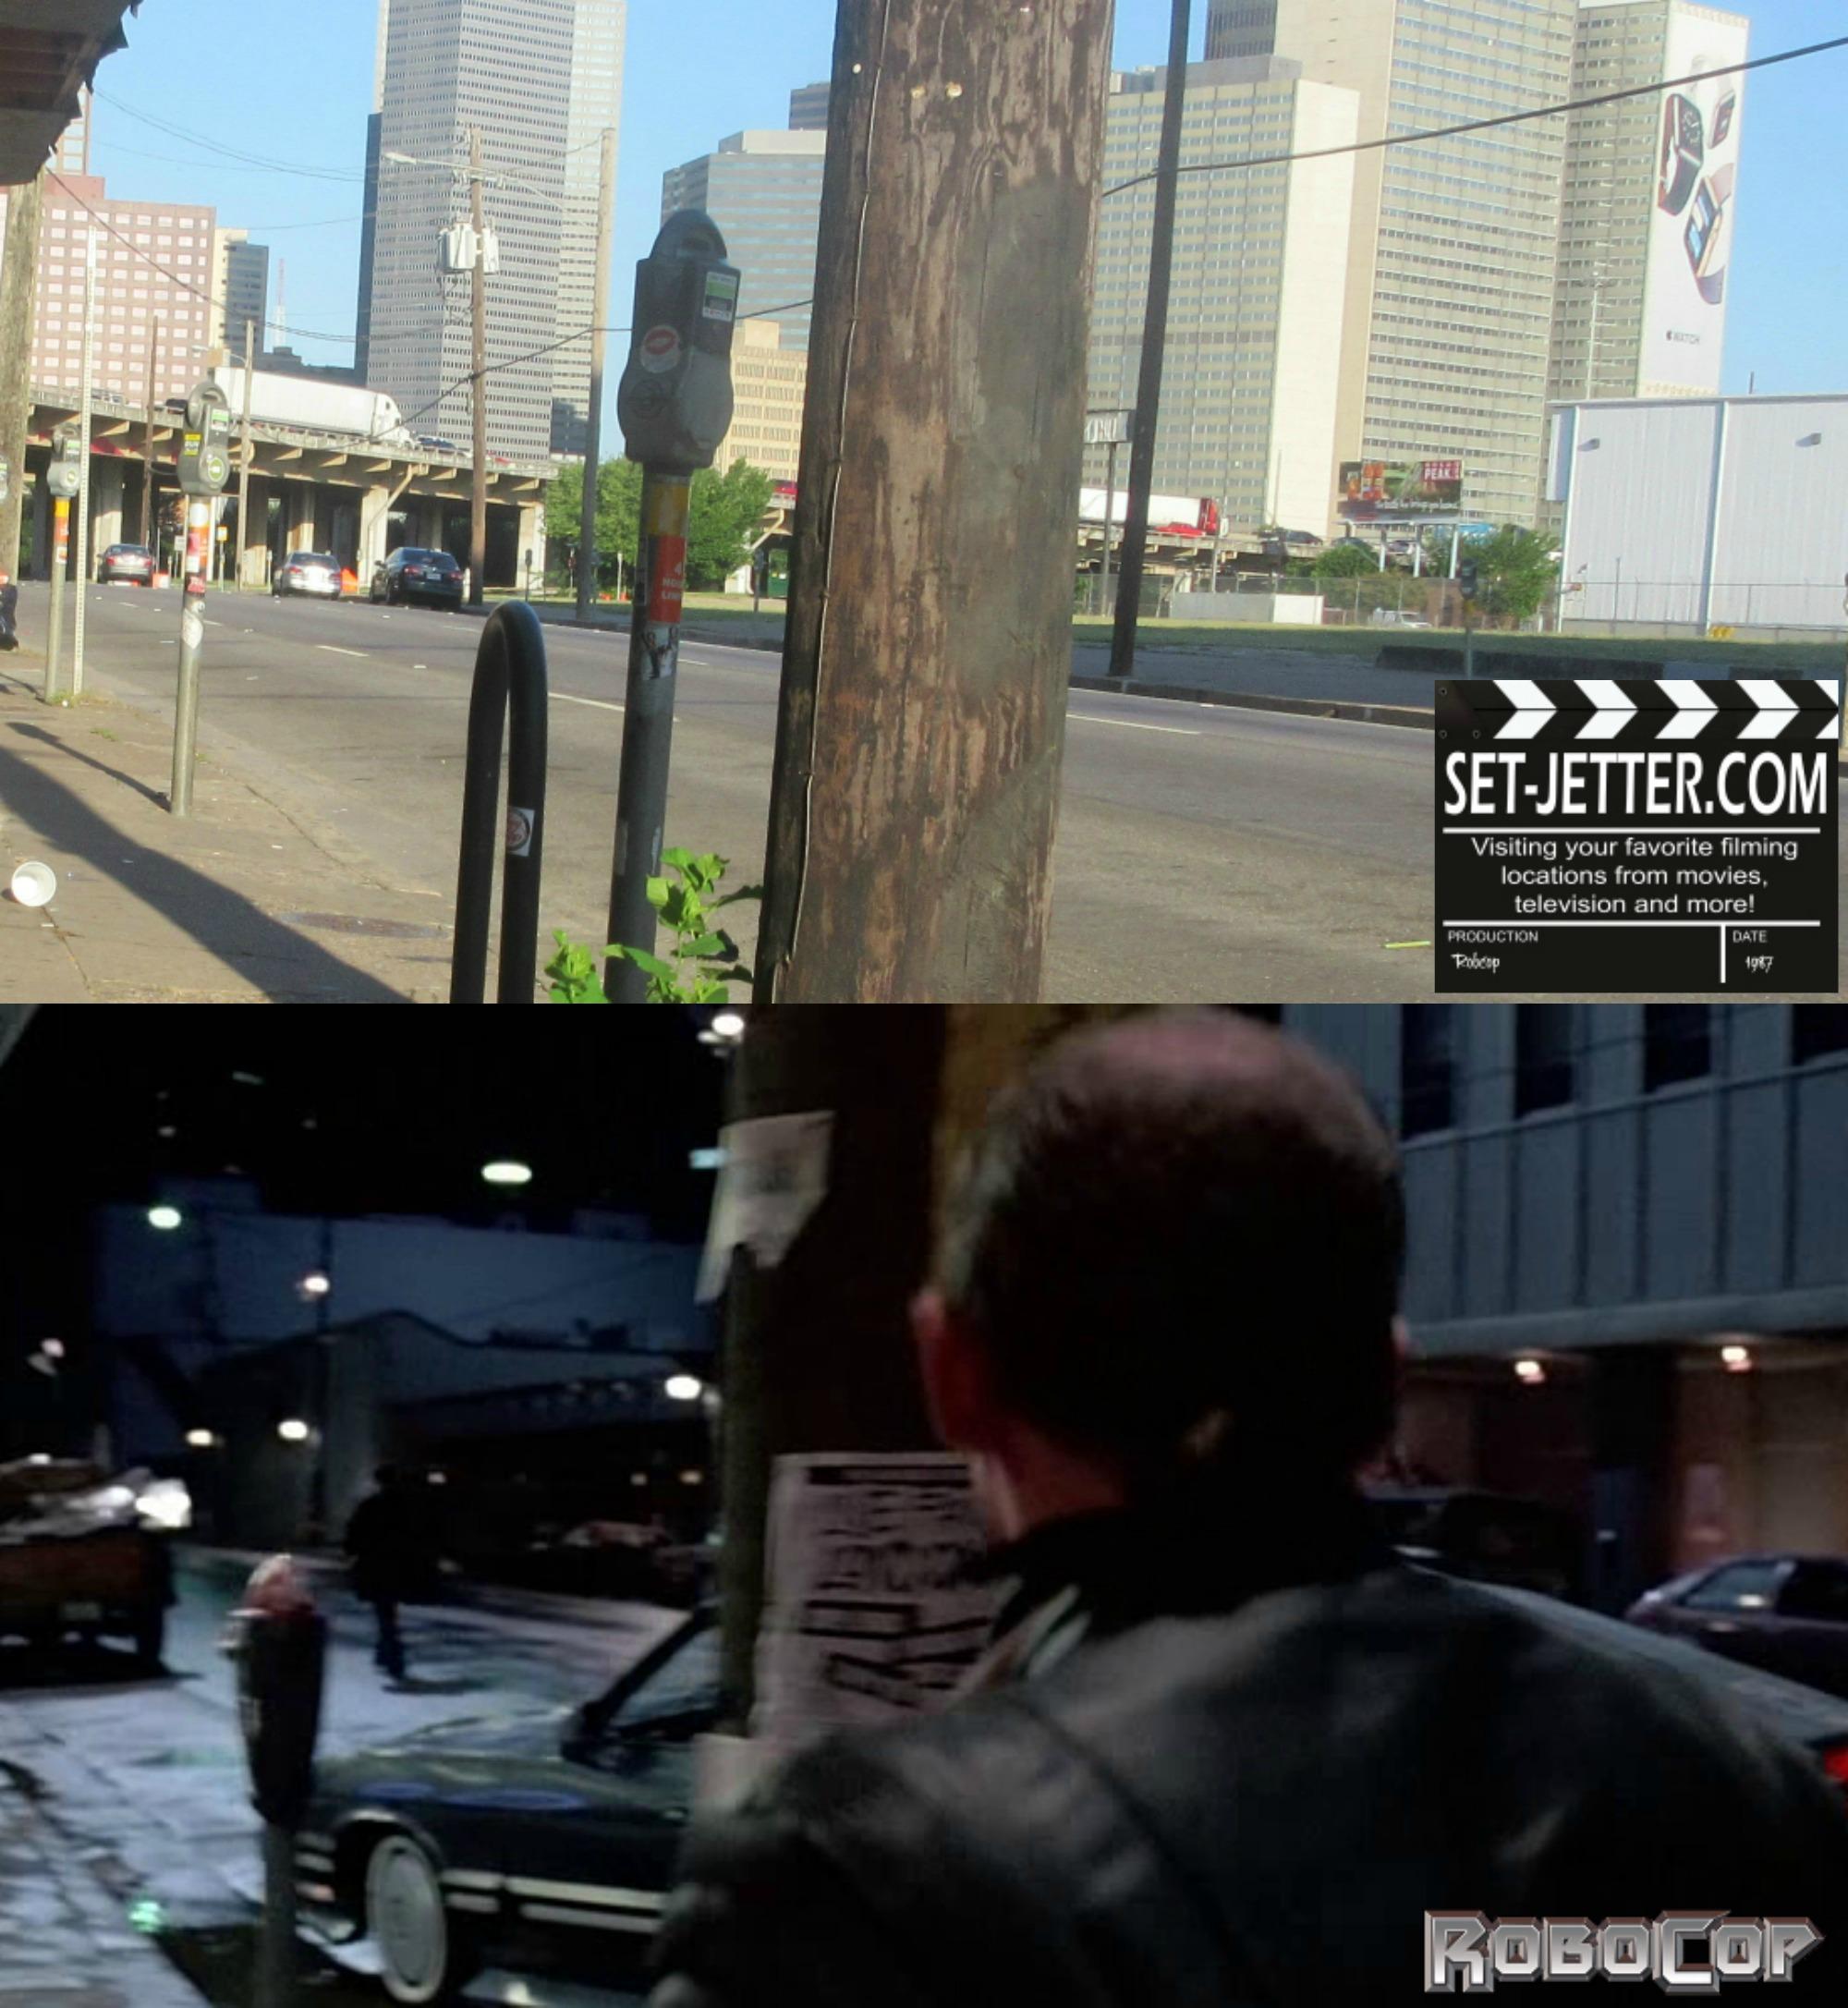 Robocop comparison 125.jpg